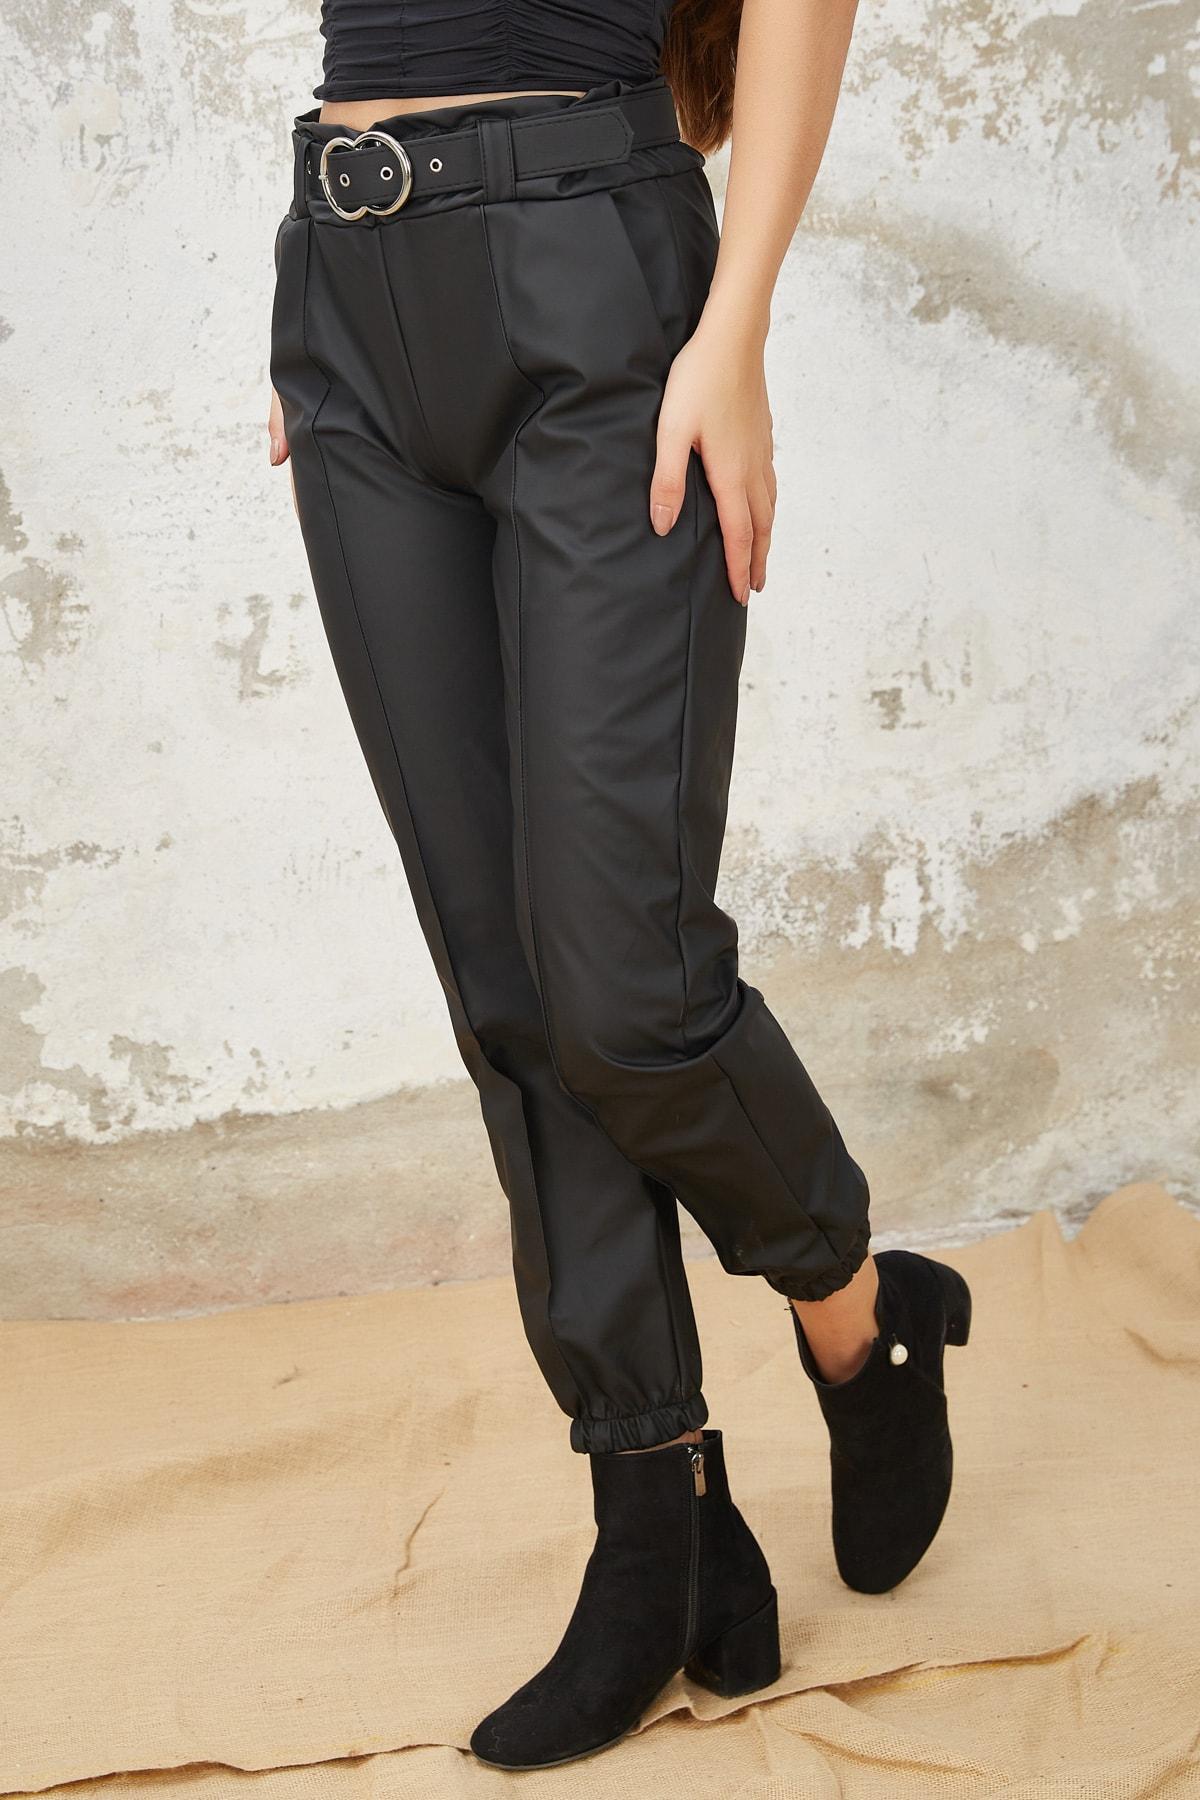 Orjinshop Kadın Siyah Polarlı Kemerli Jogger Suni Deri Pantolon 2